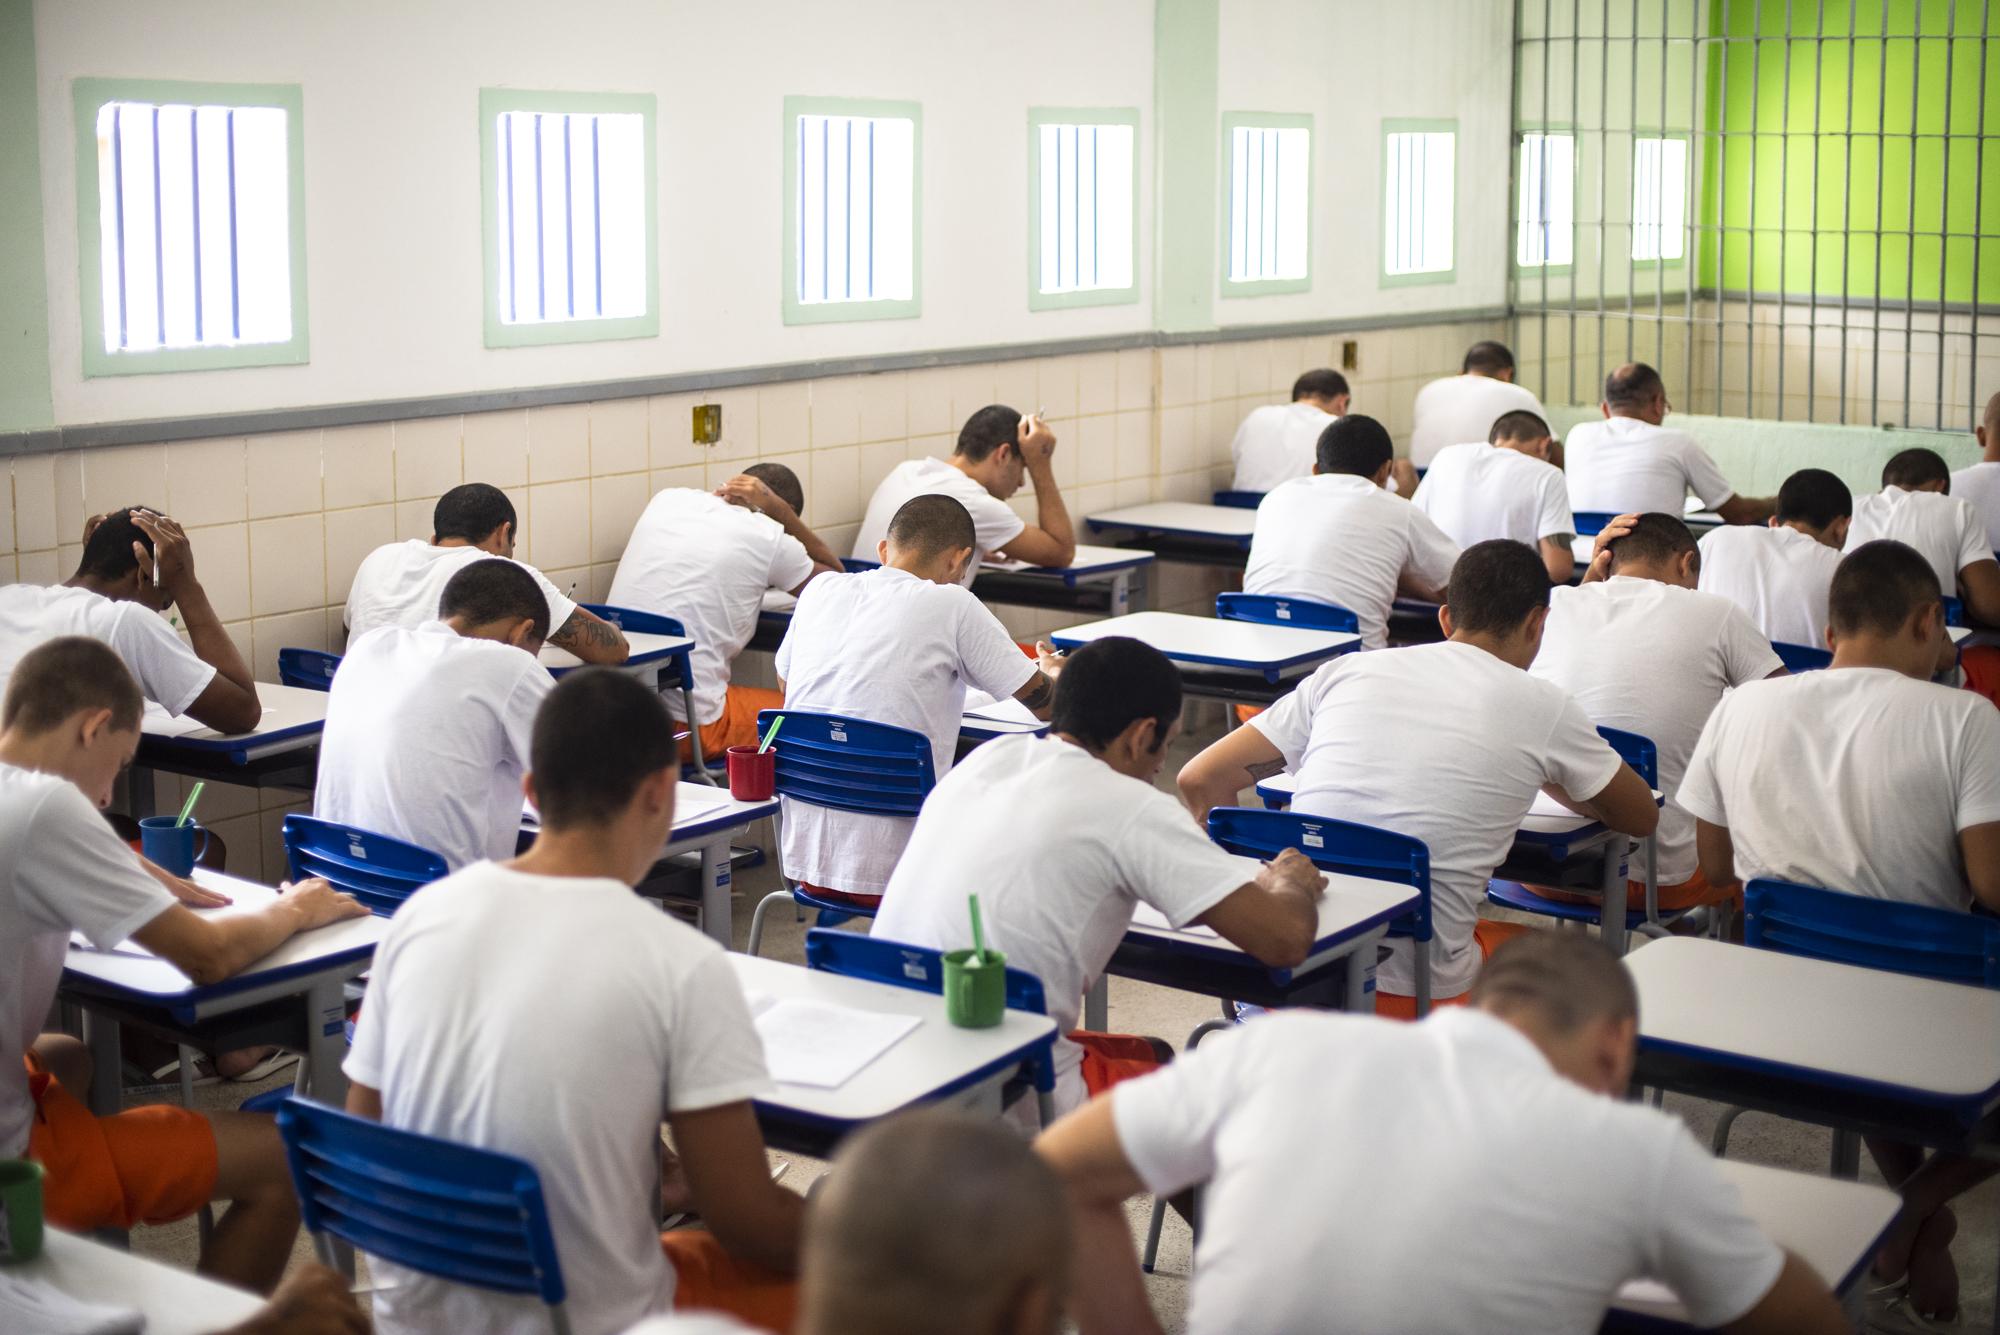 Educação transforma unidades prisionais em ambientes do saber - Governo do  Estado do Ceará